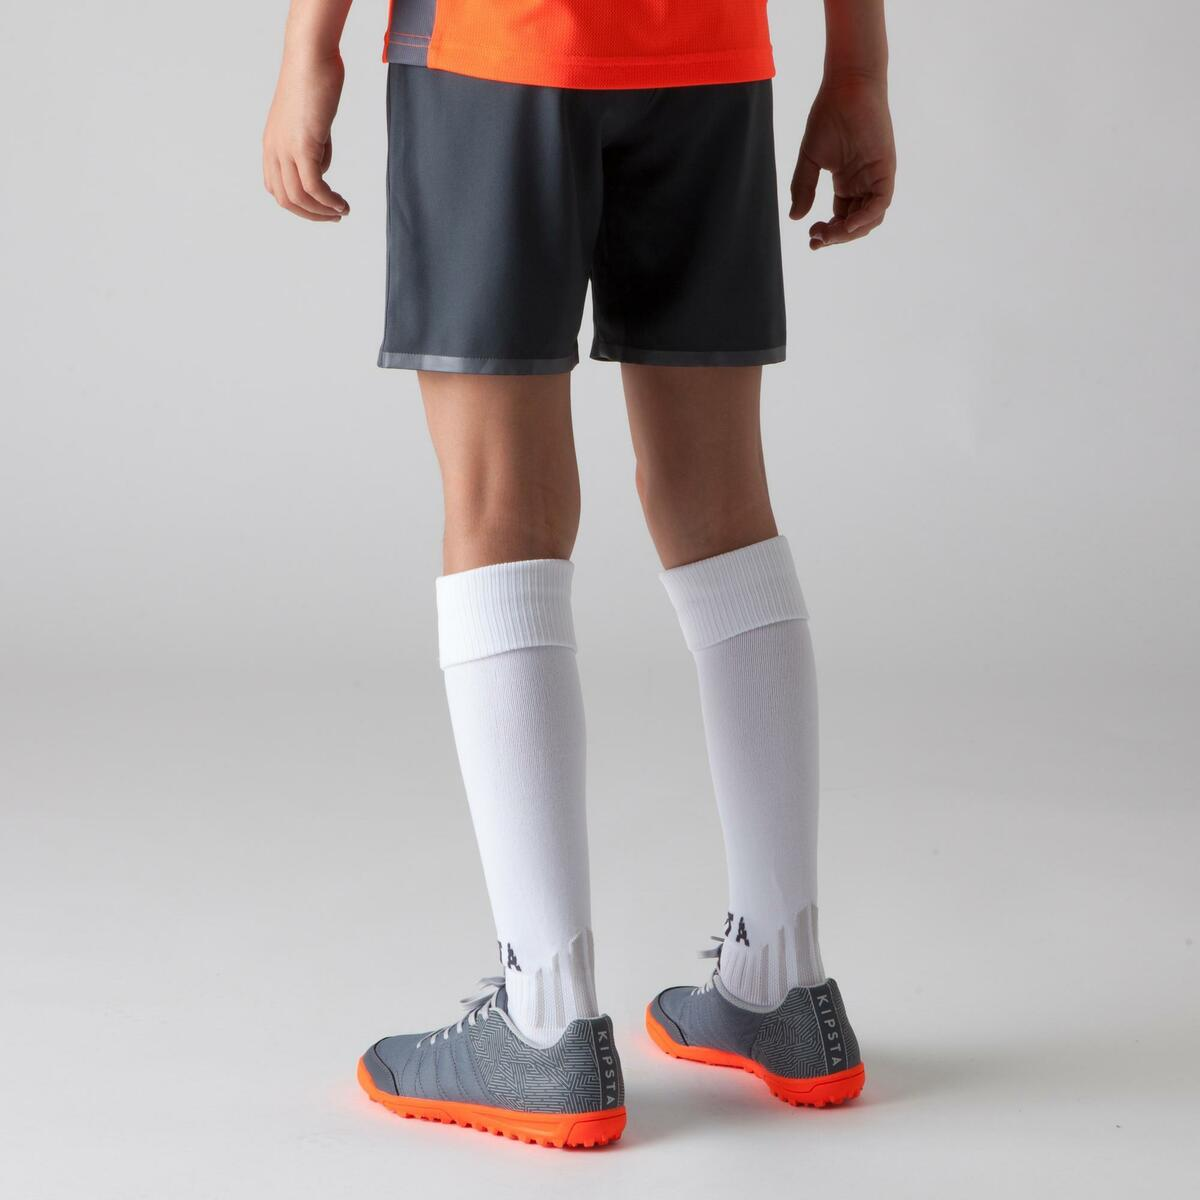 Bild 5 von Fußballshorts F500 Kinder grau/orange